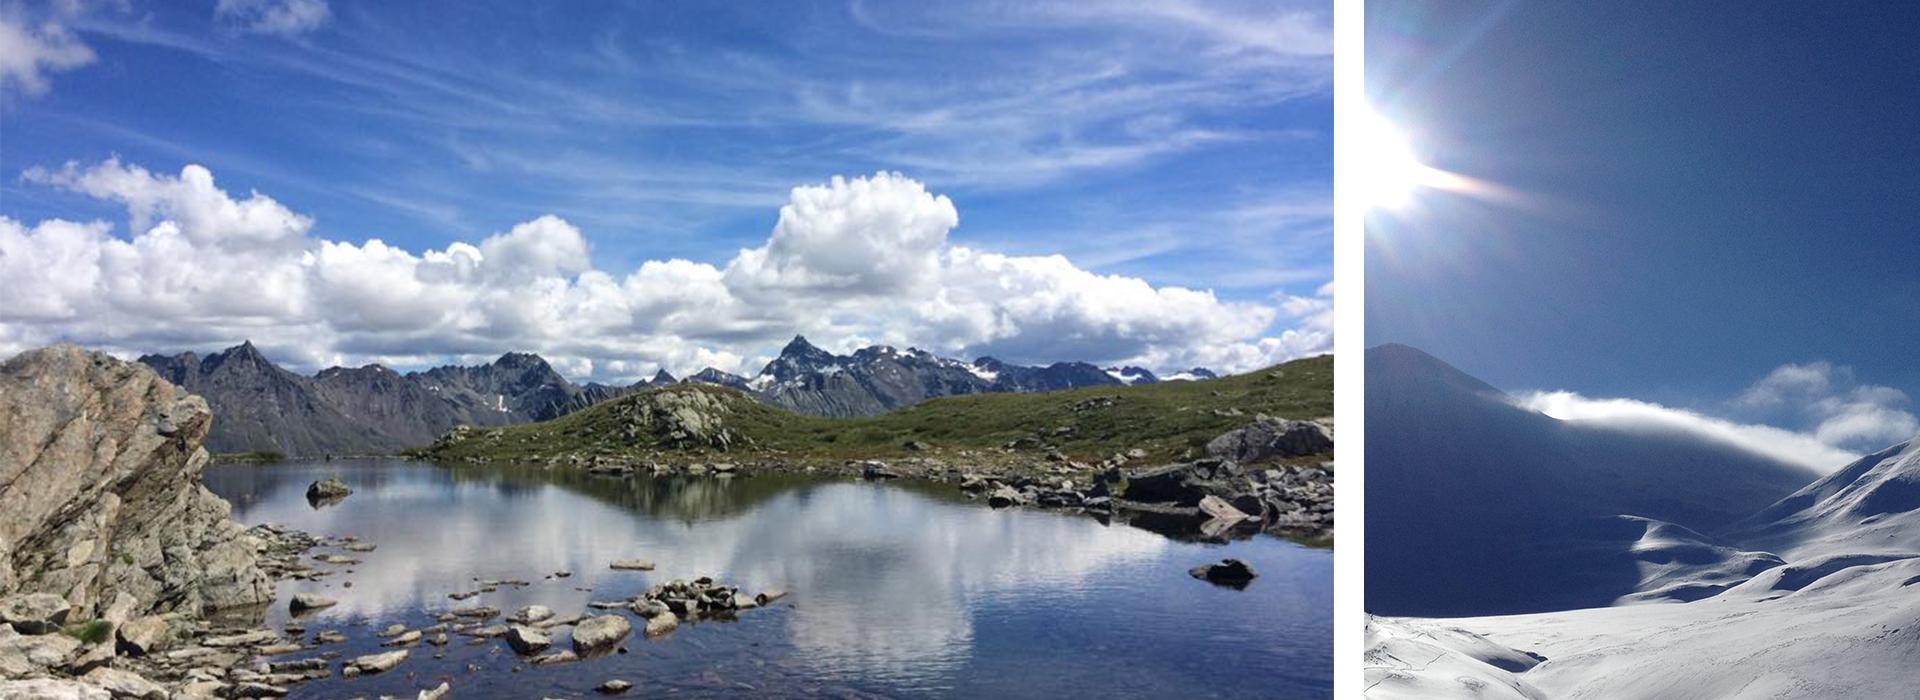 Bergkristall Ischgl #Willkommen